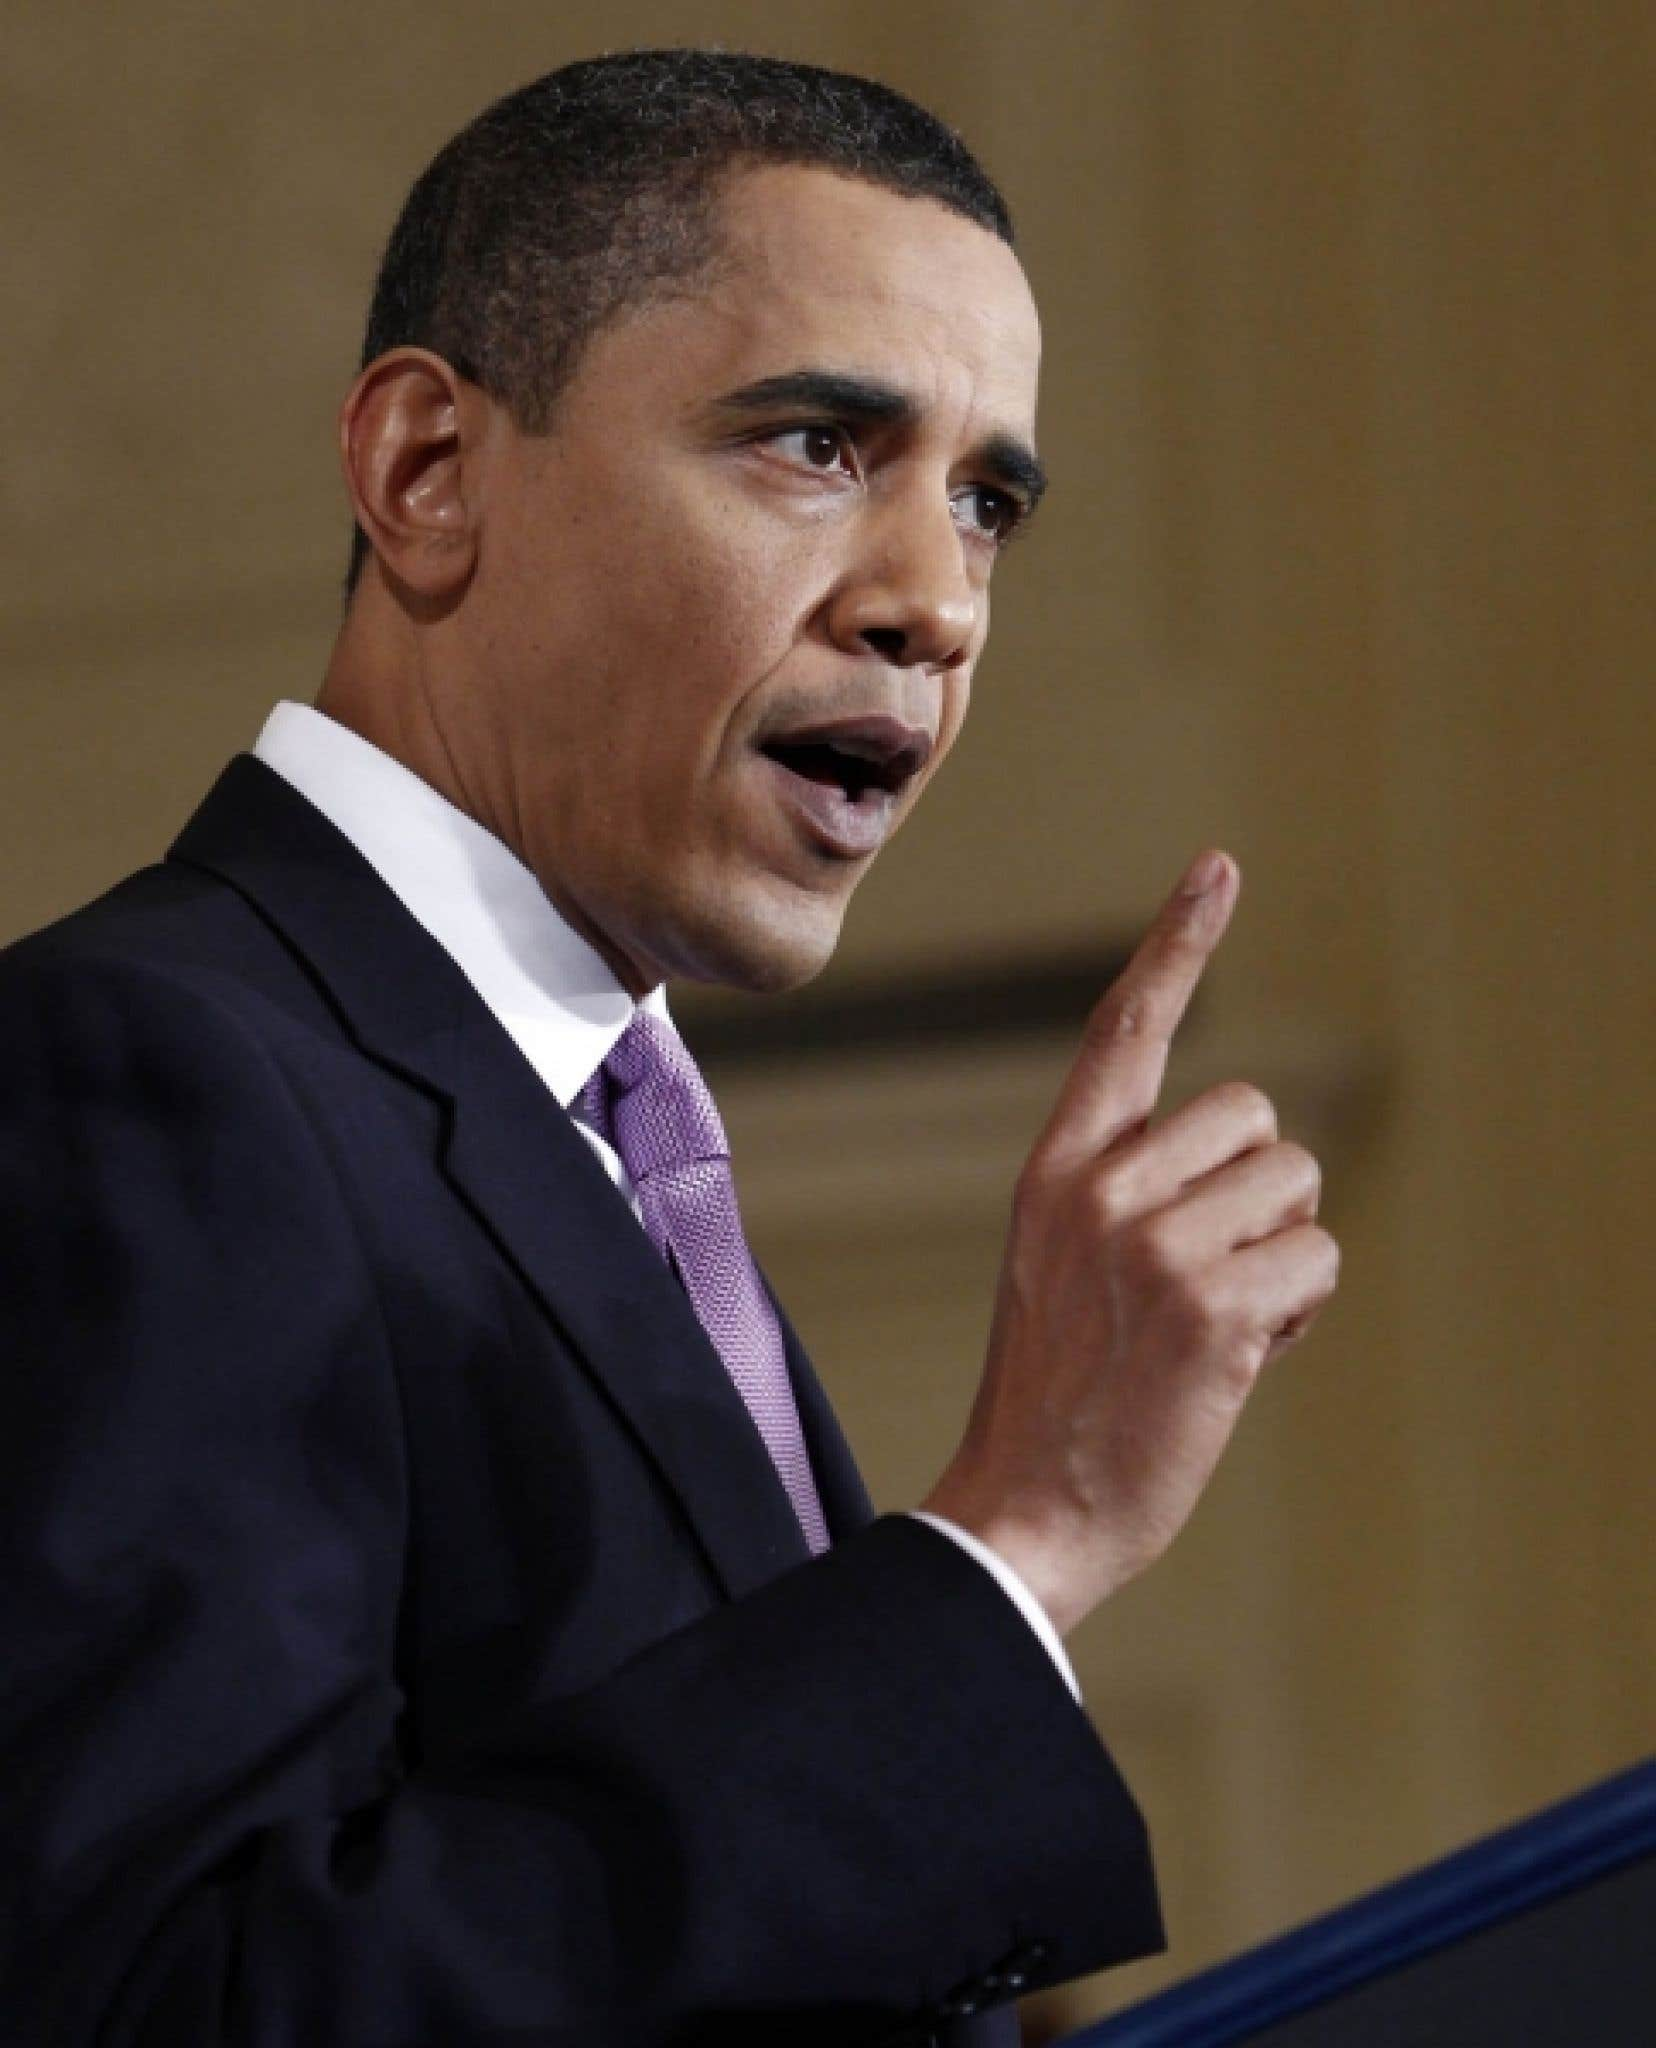 «Je ne vois pas comment une autre année de négociations aiderait», a déclaré le président américain.